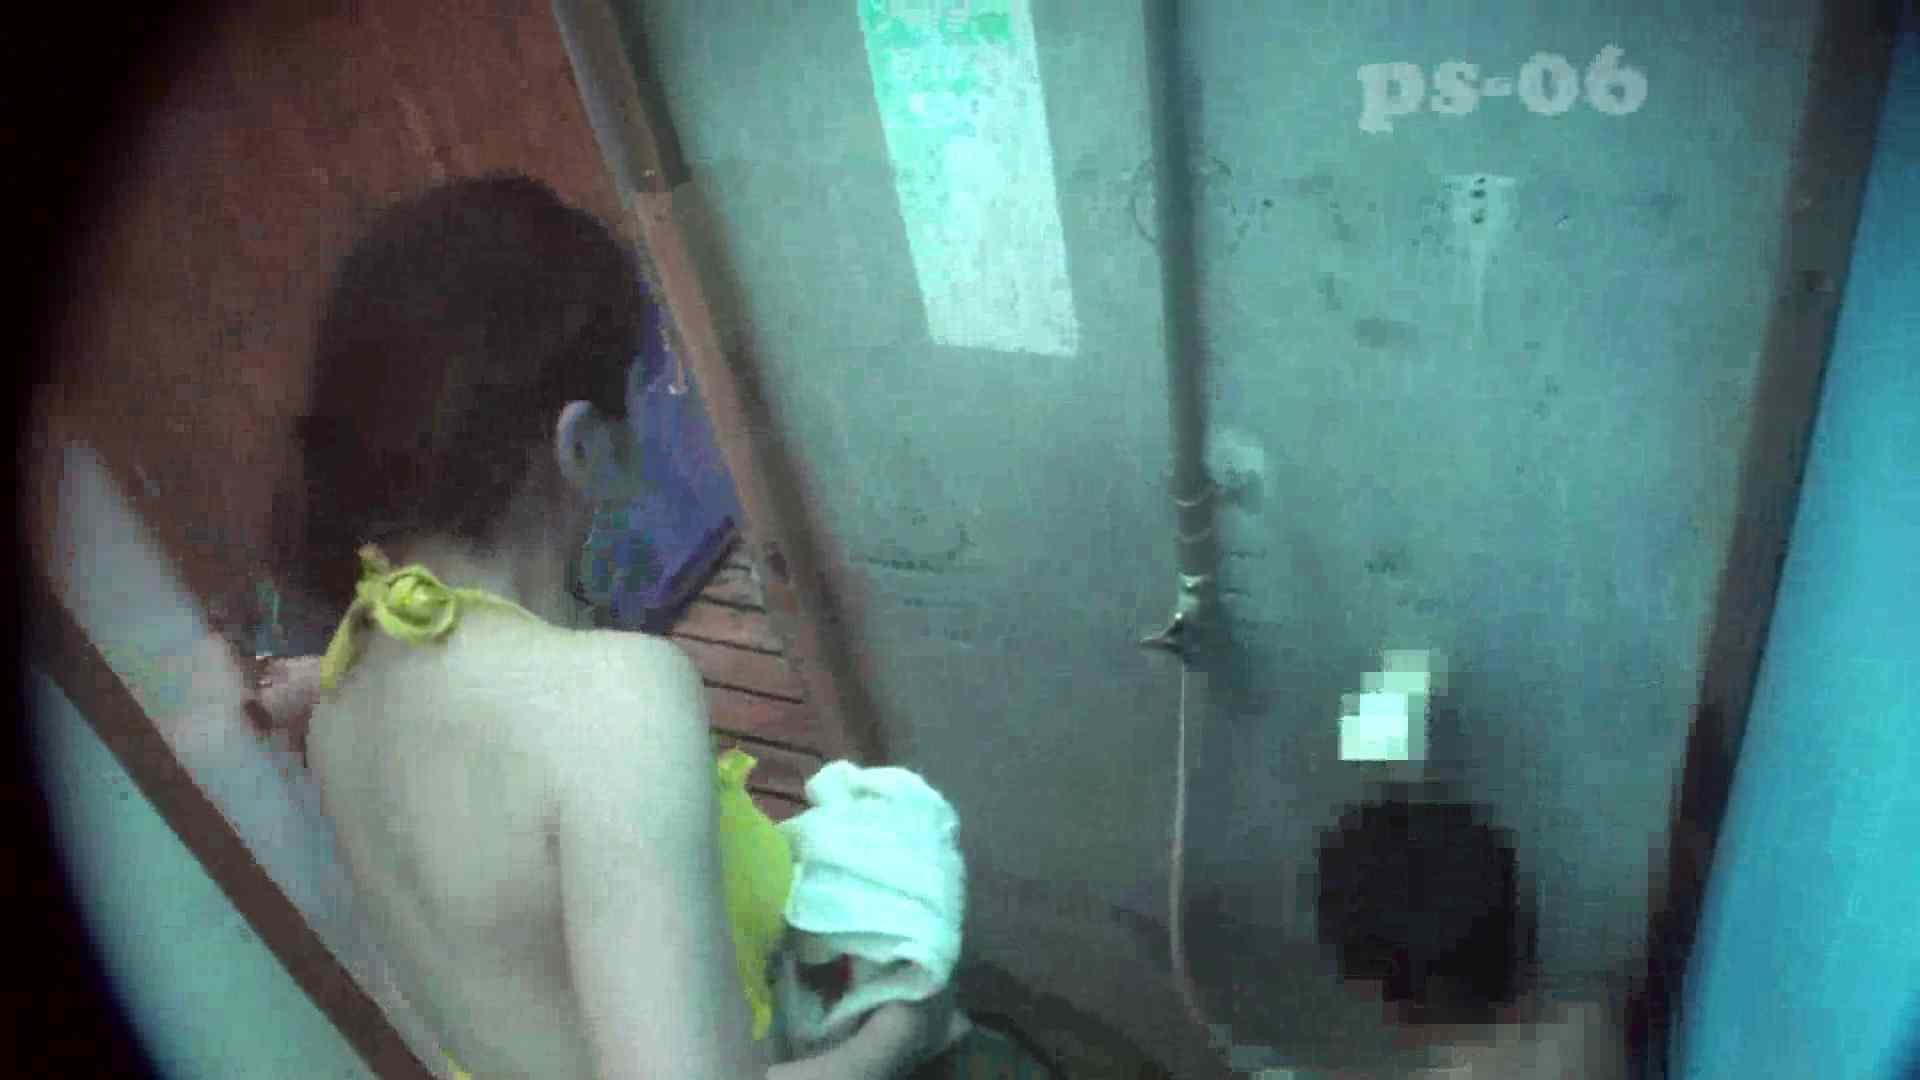 シャワールームは危険な香りVol.6(ハイビジョンサンプル版) シャワー室 オメコ動画キャプチャ 64画像 59